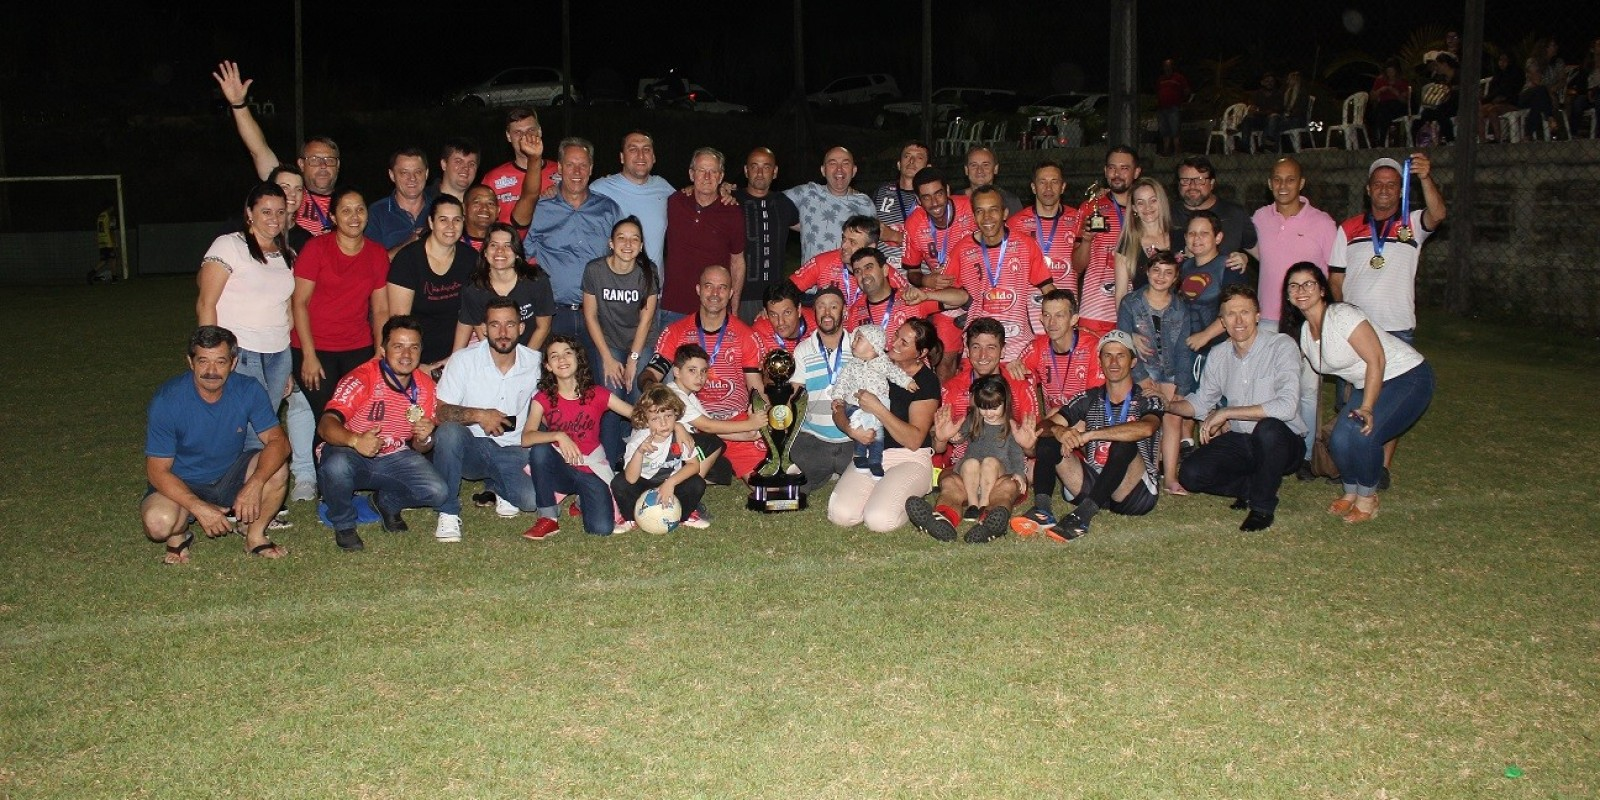 Ajax/Niehues campeão do Coroa Bom de Bola de São Ludgero